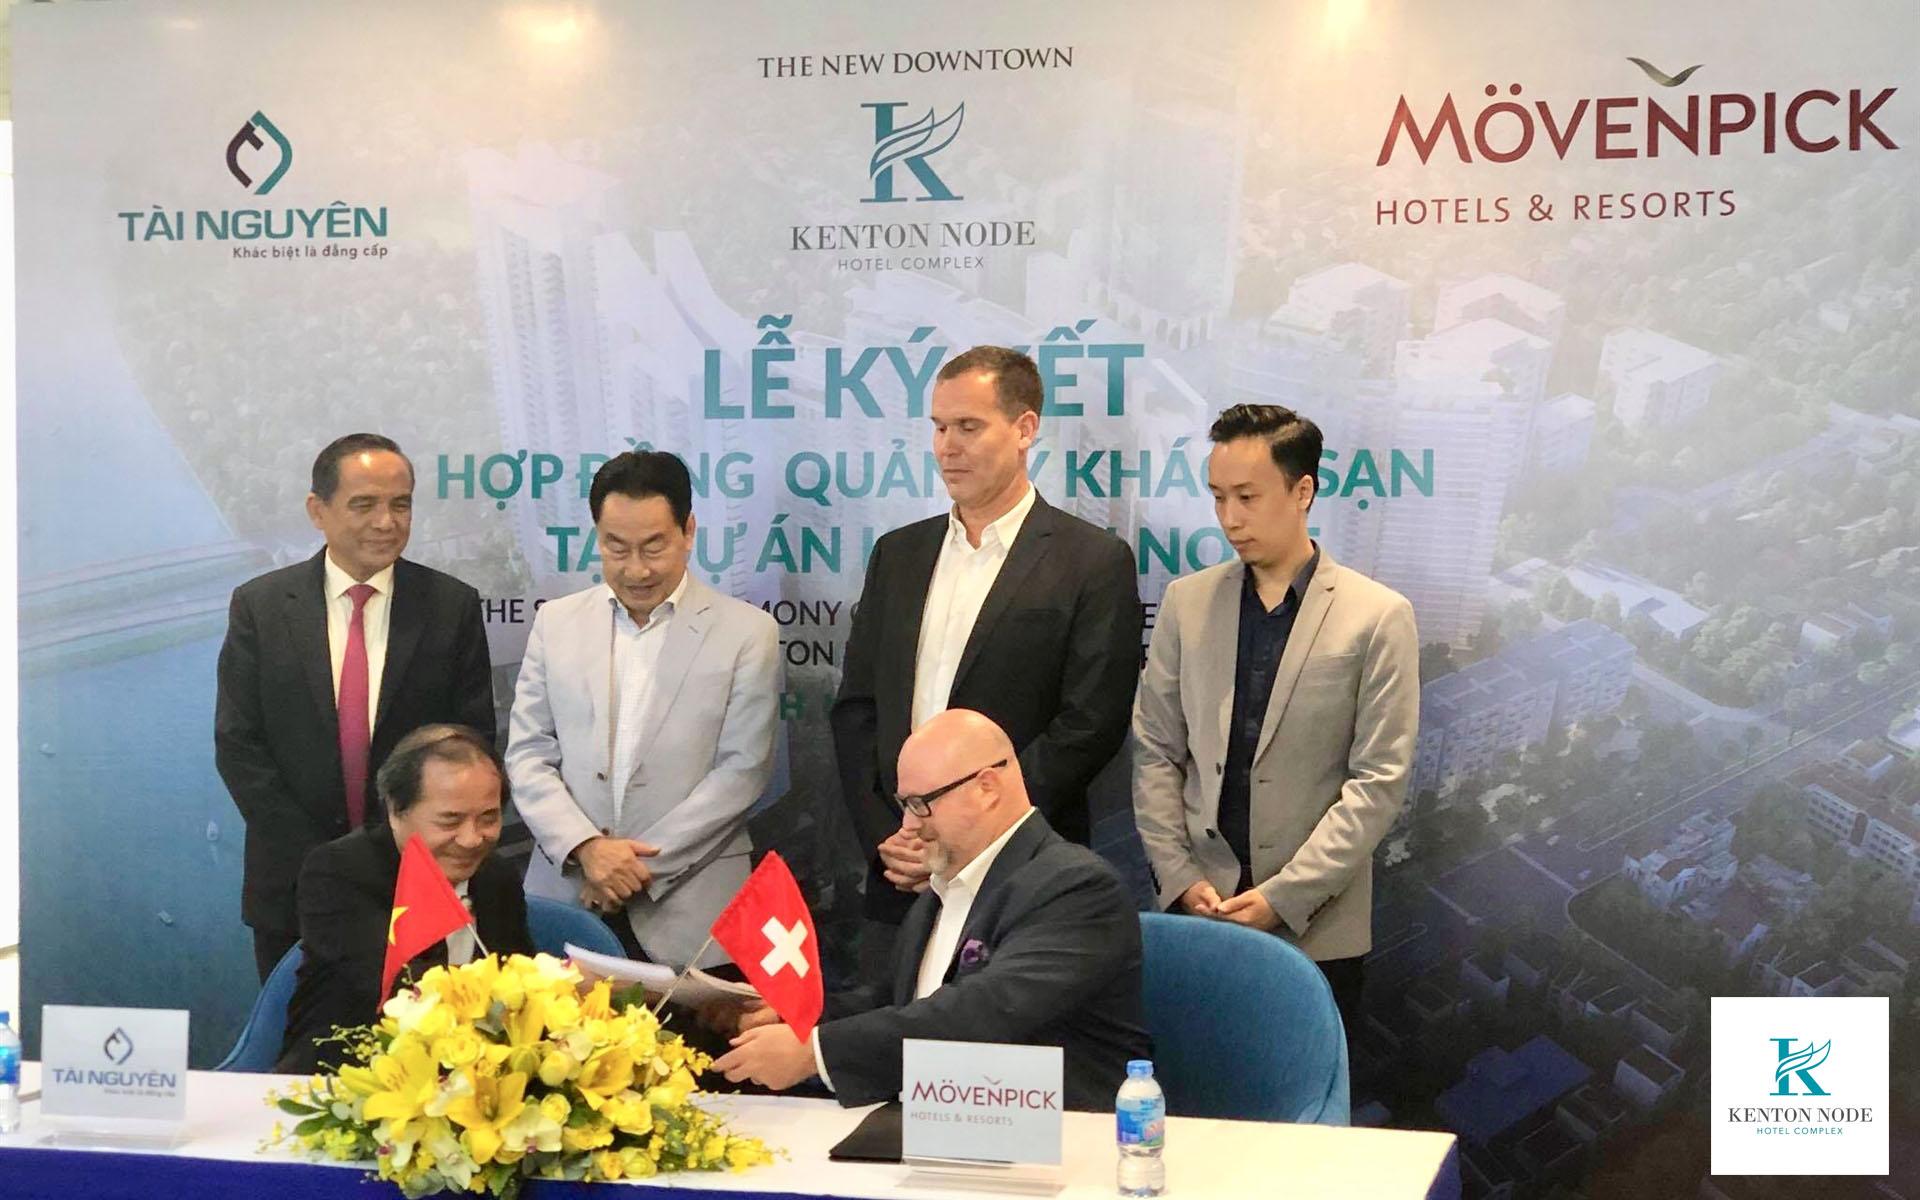 Tài Nguyên hợp tác với Mövenpick Hotels & Resorts để phát triển bền vững